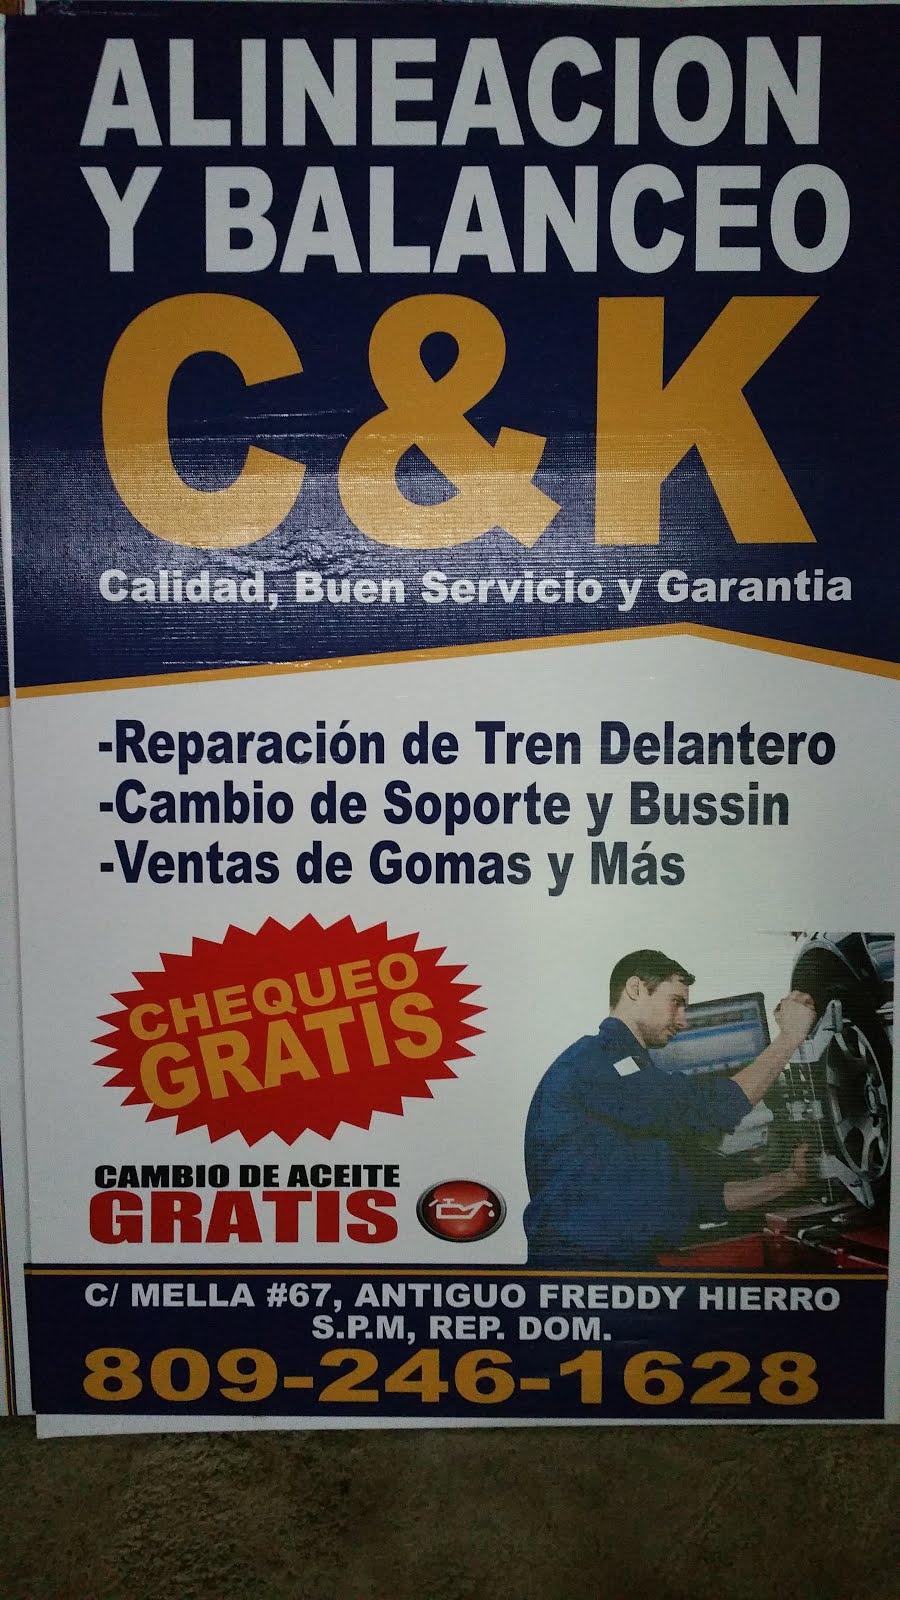 C&K ALINEACIÓN Y BALANCEO